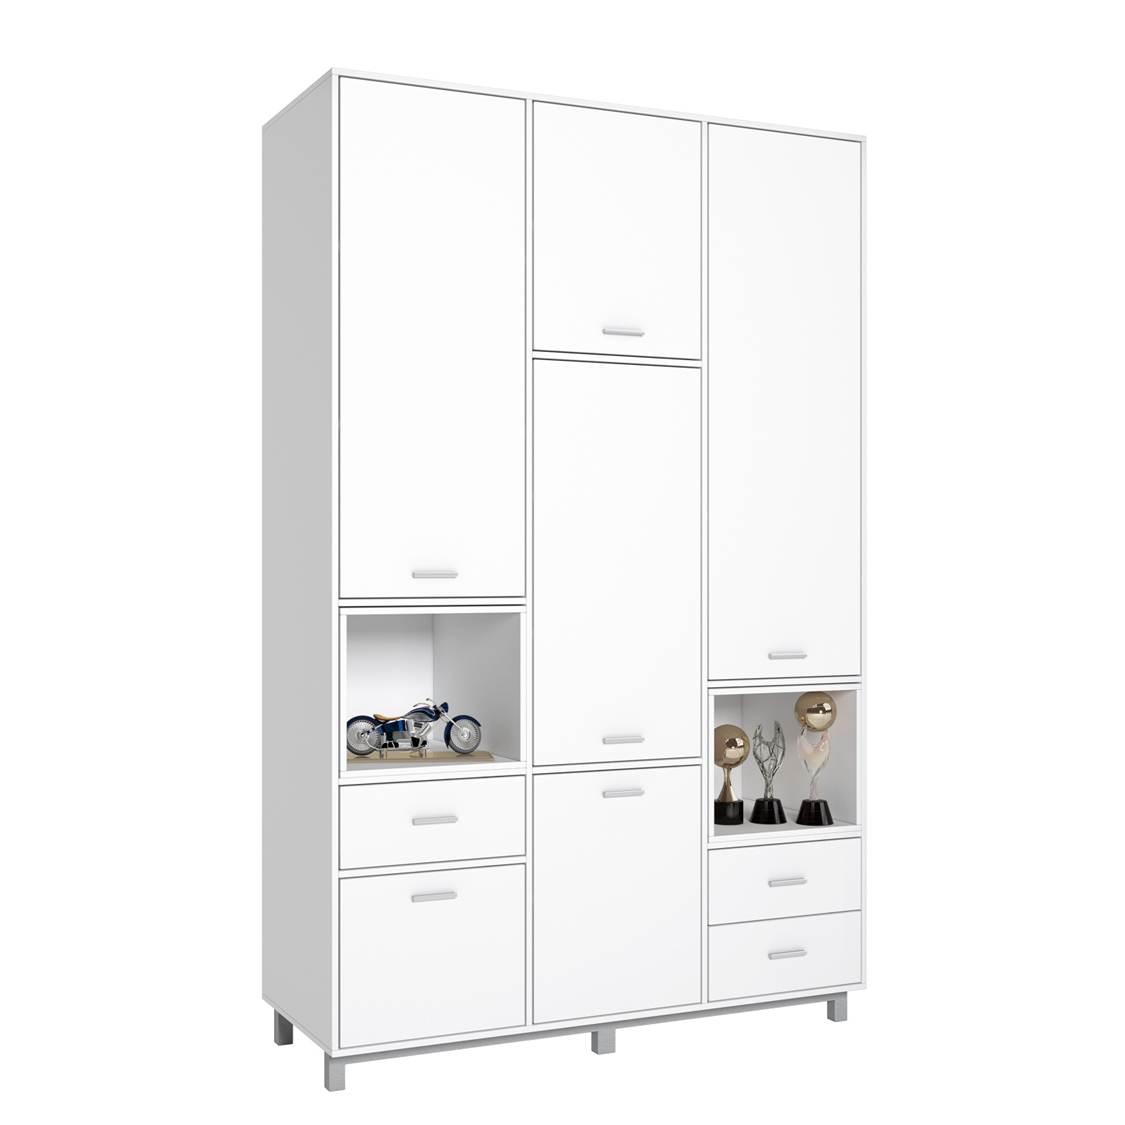 Купить Шкаф трехсекционный Polini kids Mirum 2330, белый, Шкафы в детскую комнату